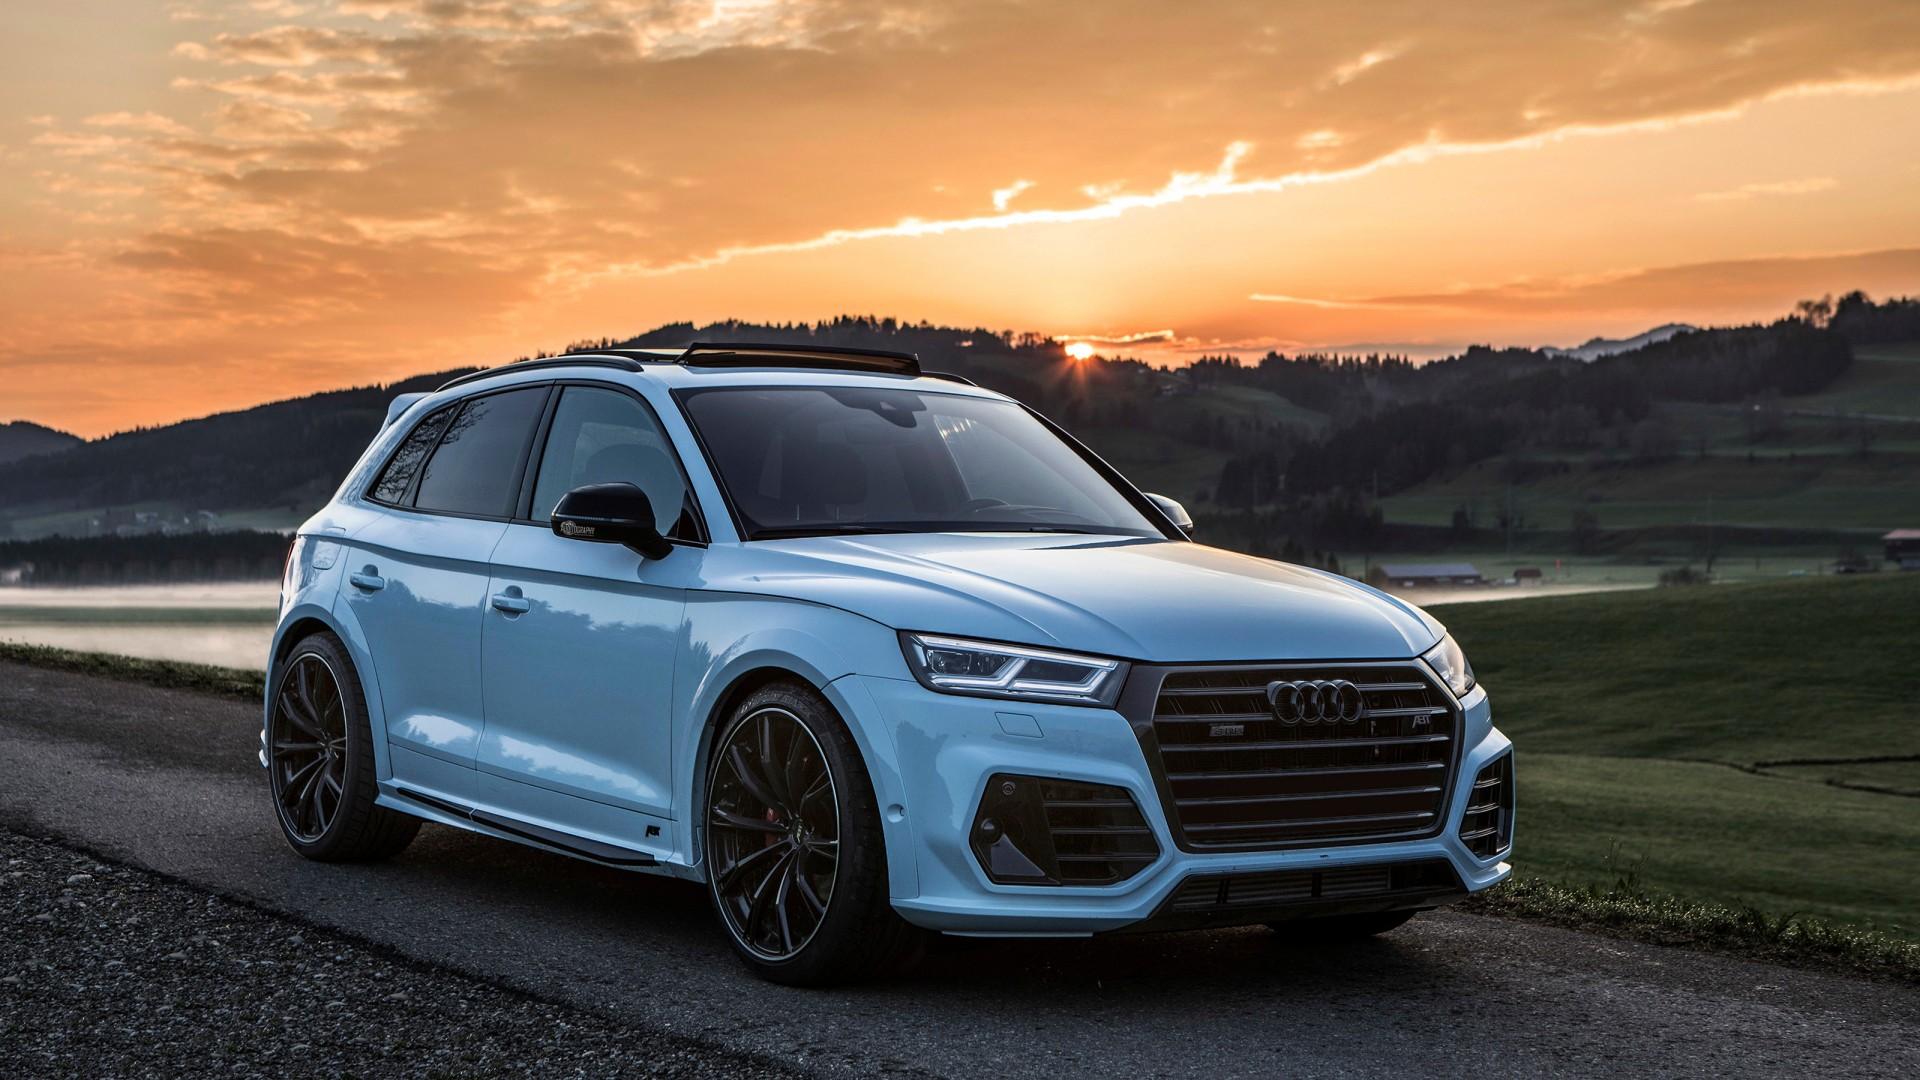 2018 Audi S5 >> ABT Audi SQ5 Widebody 2018 Wallpaper | HD Car Wallpapers ...